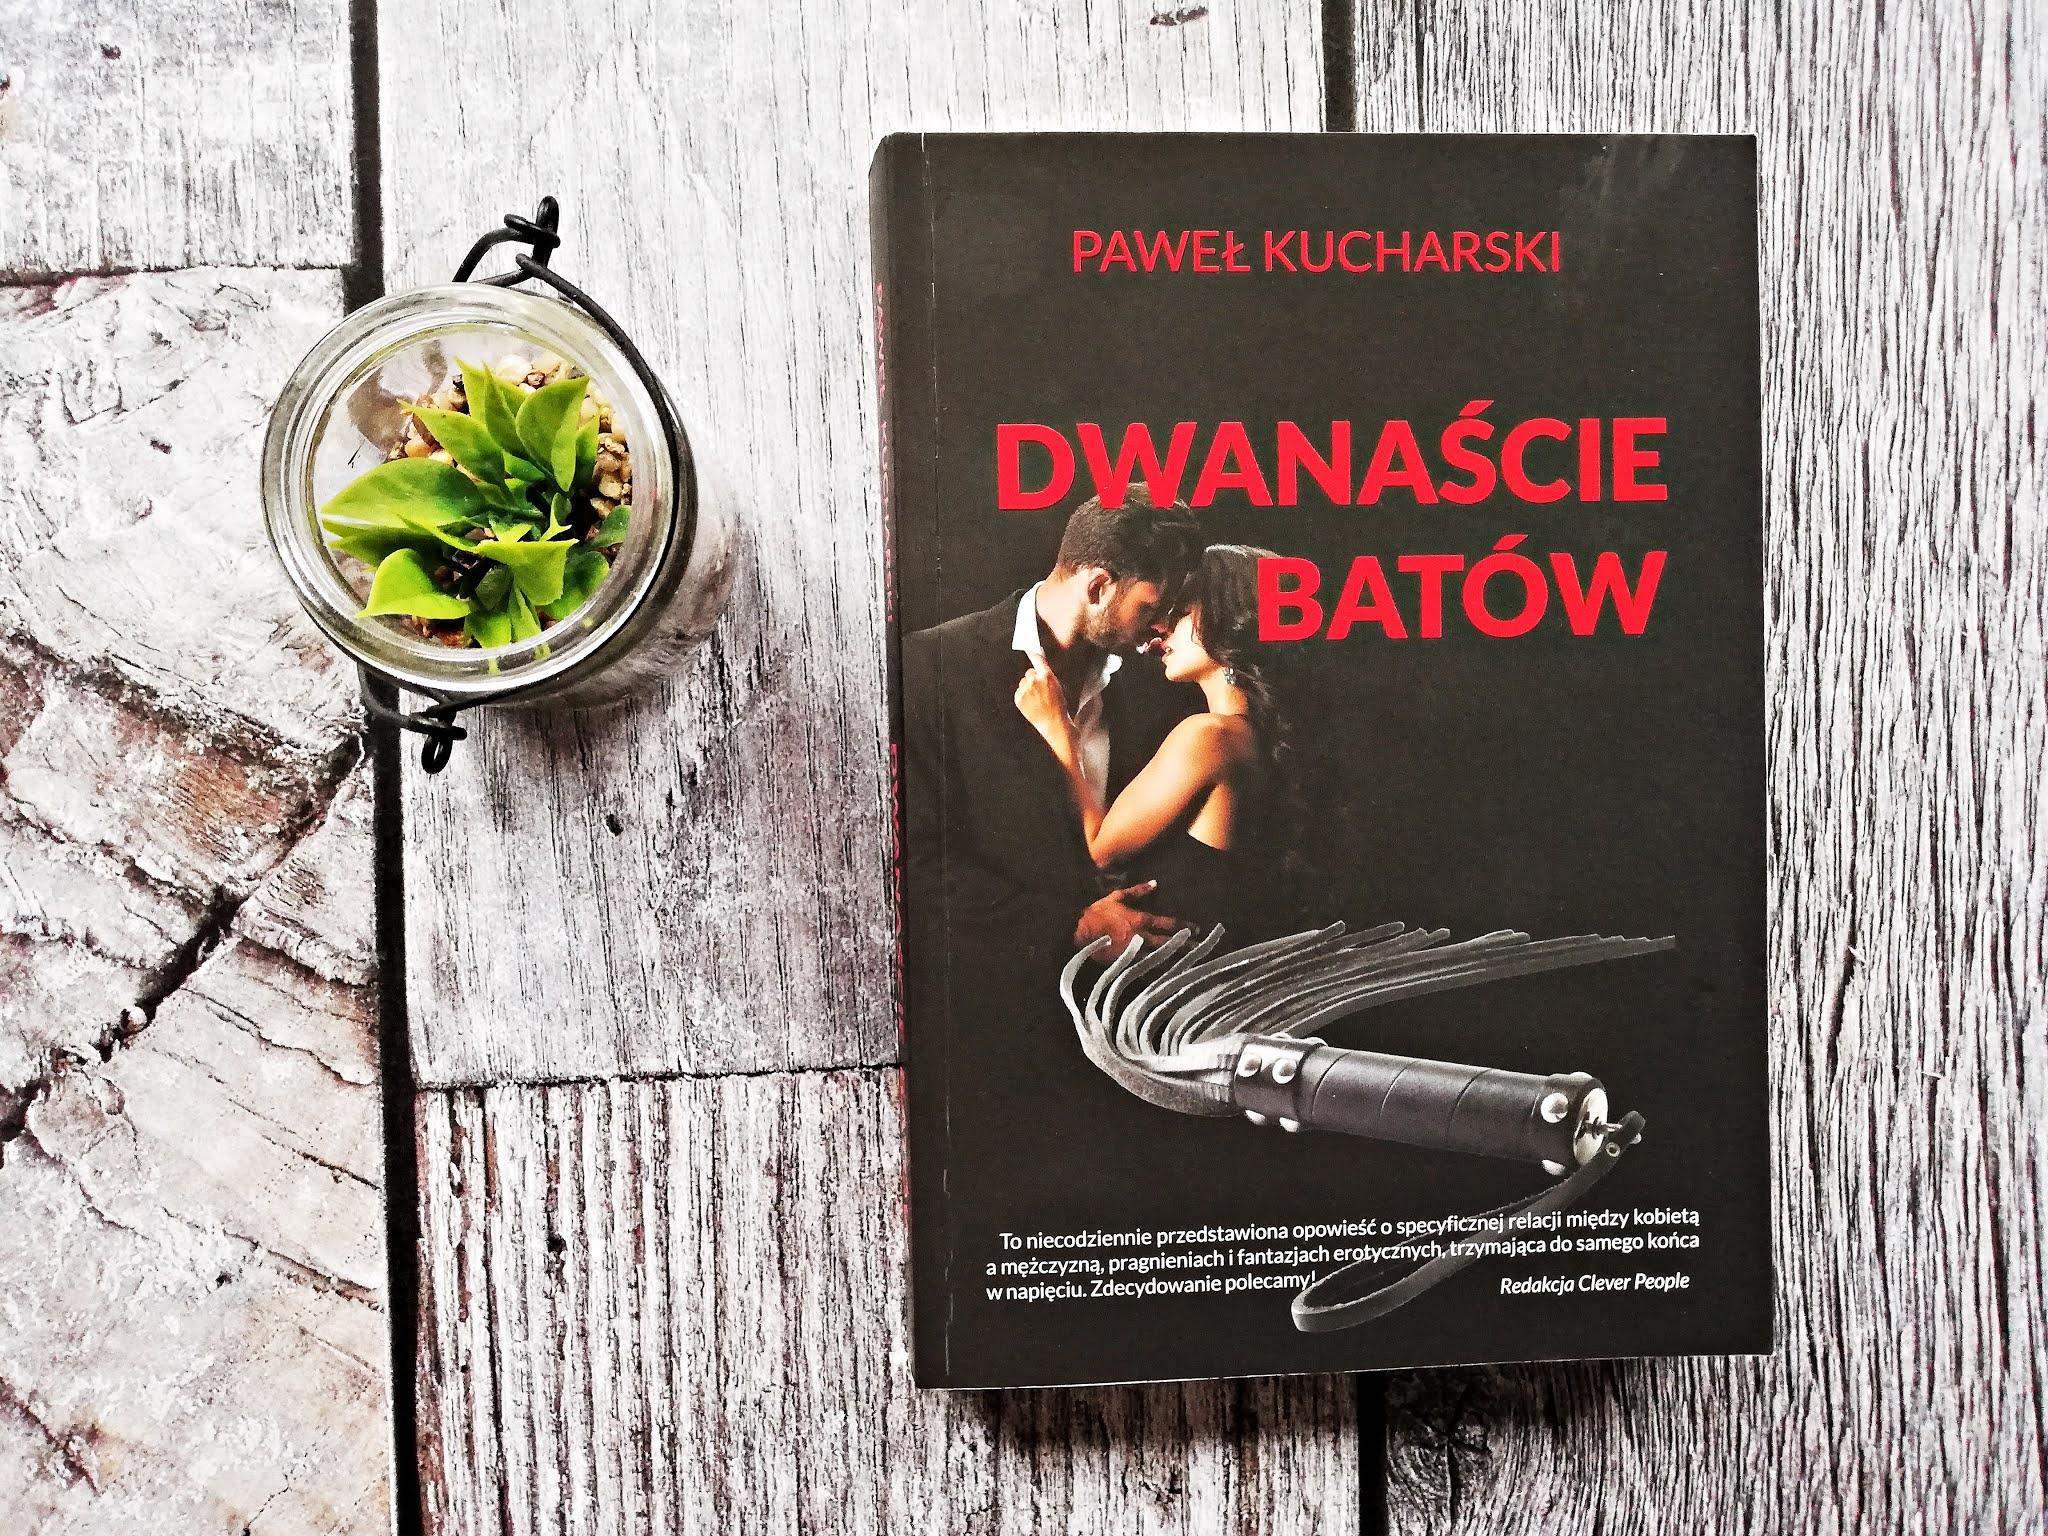 DWANAŚCIE BATÓW ~ PAWEŁ KUCHARSKI - książka nasycona pikantnością